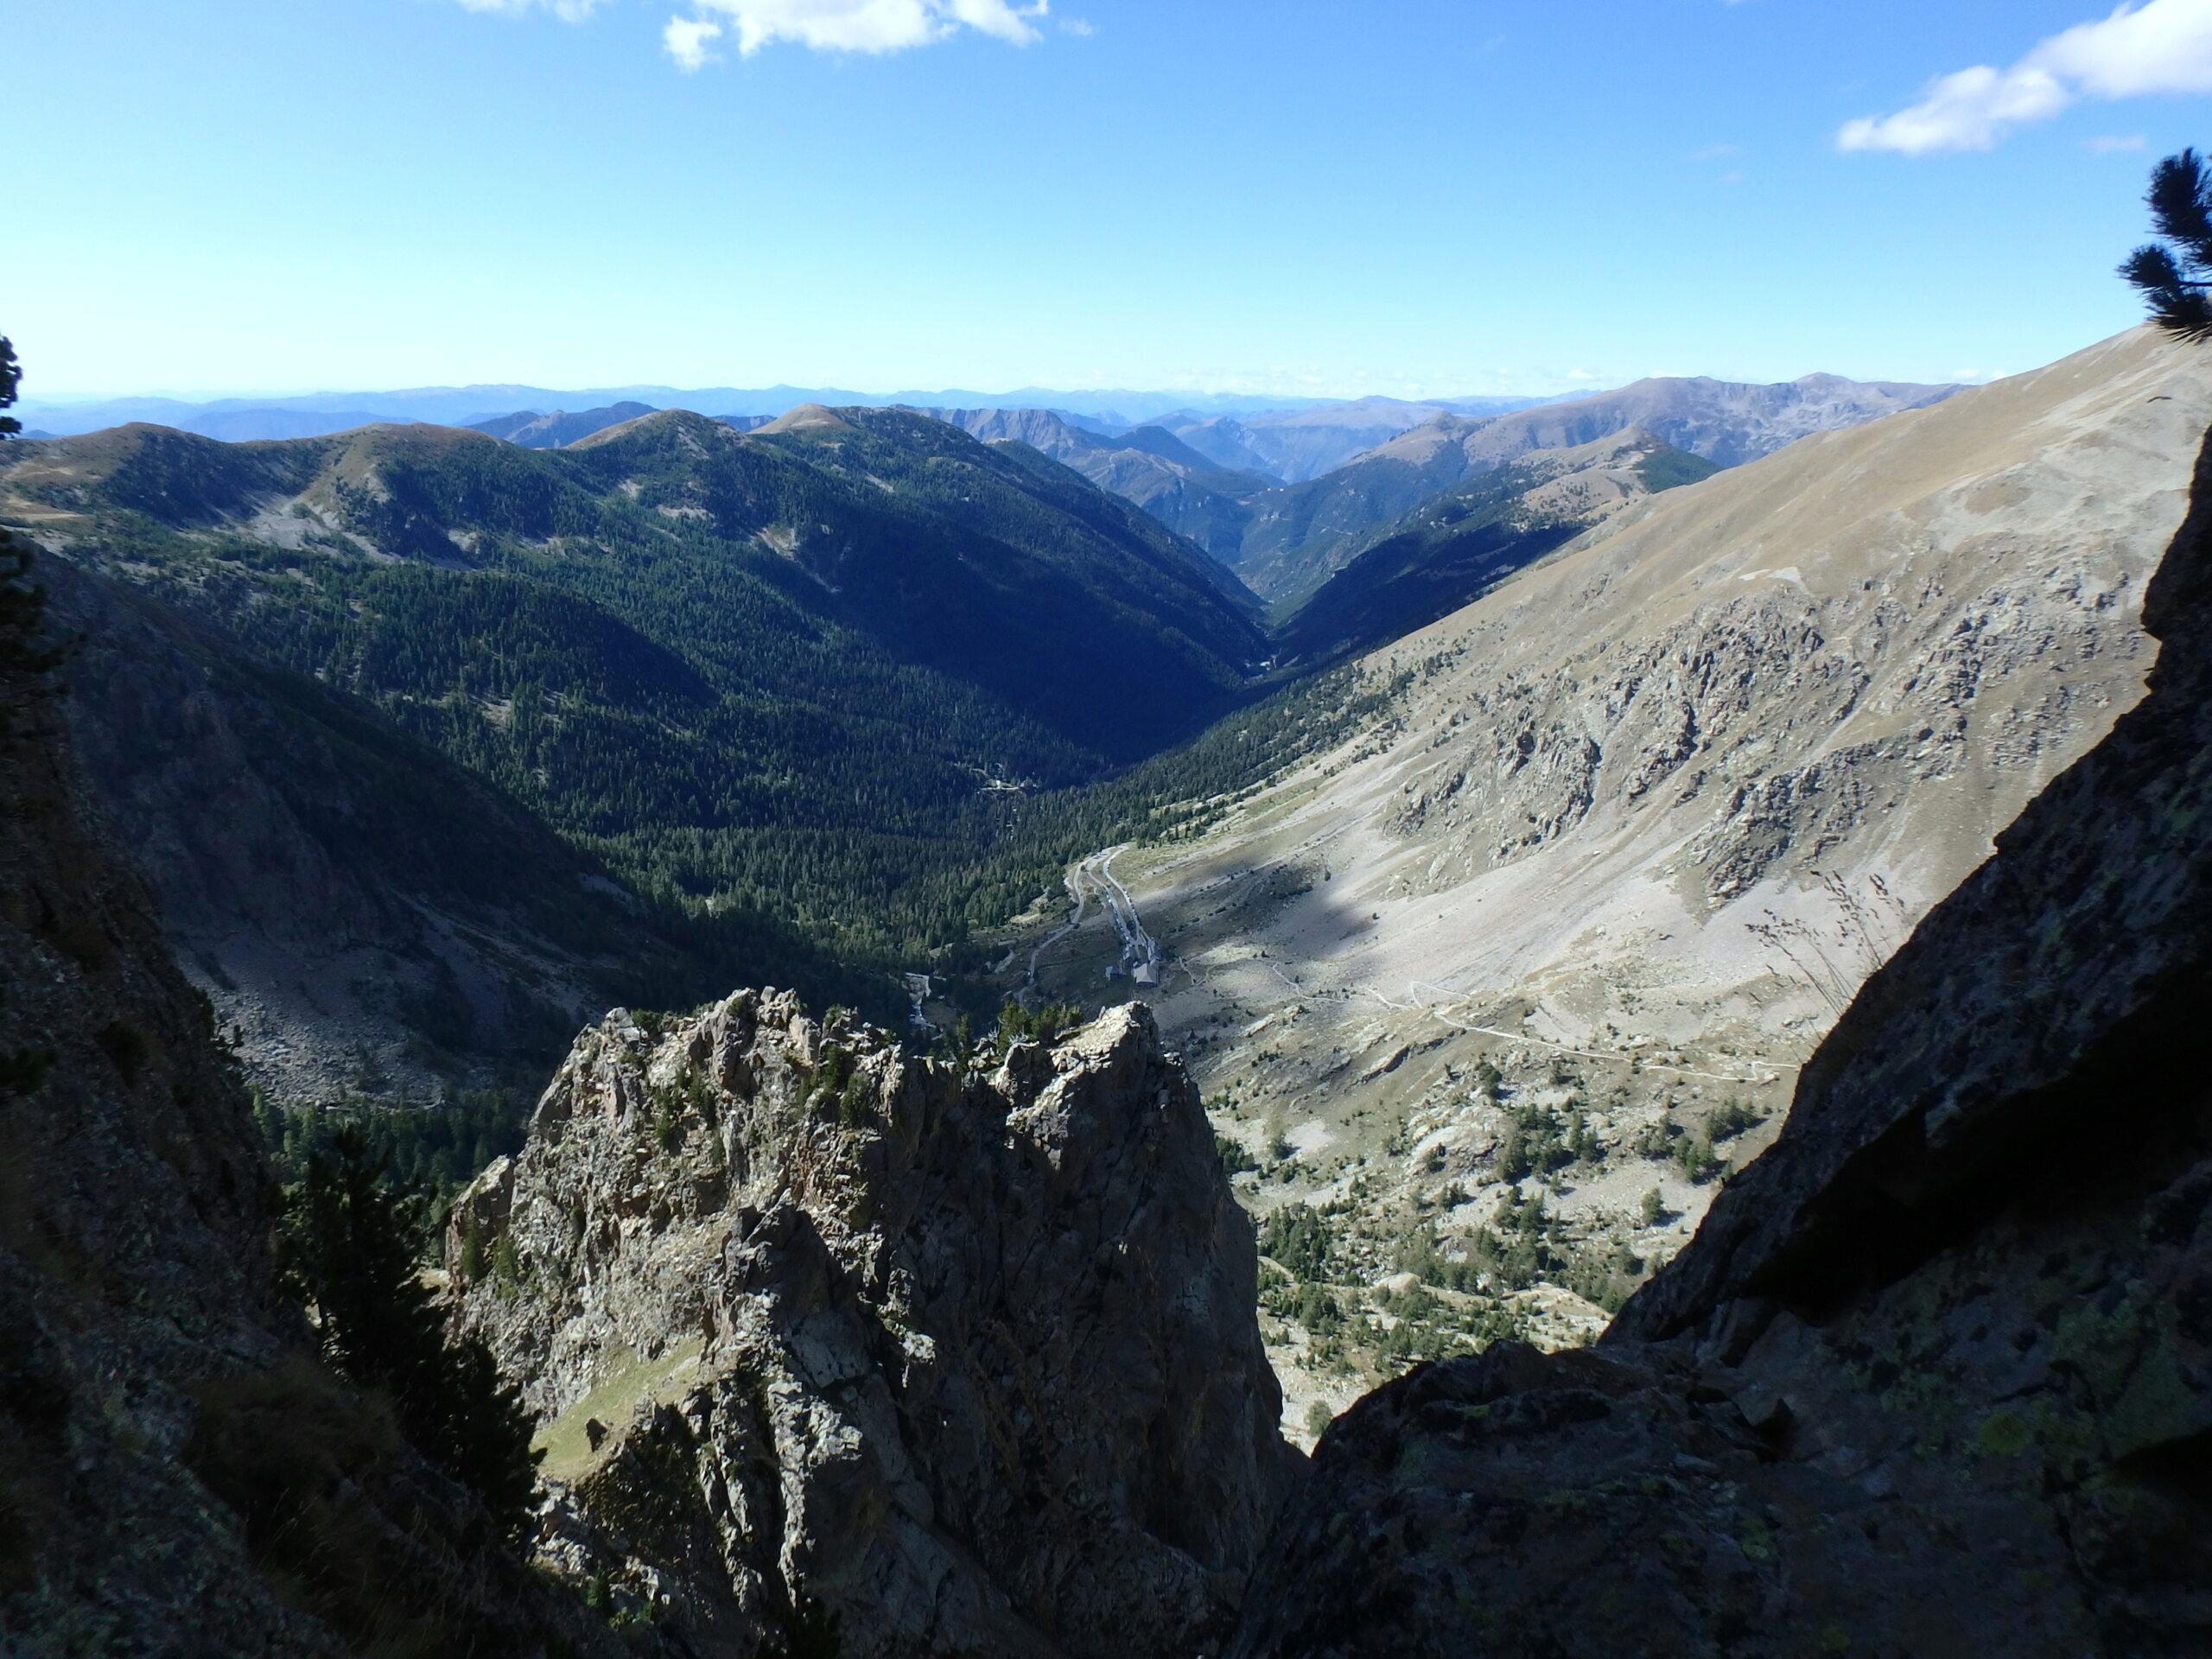 Une arrête de la fraicheur, au Grand Cayre de la Madone  P9260631